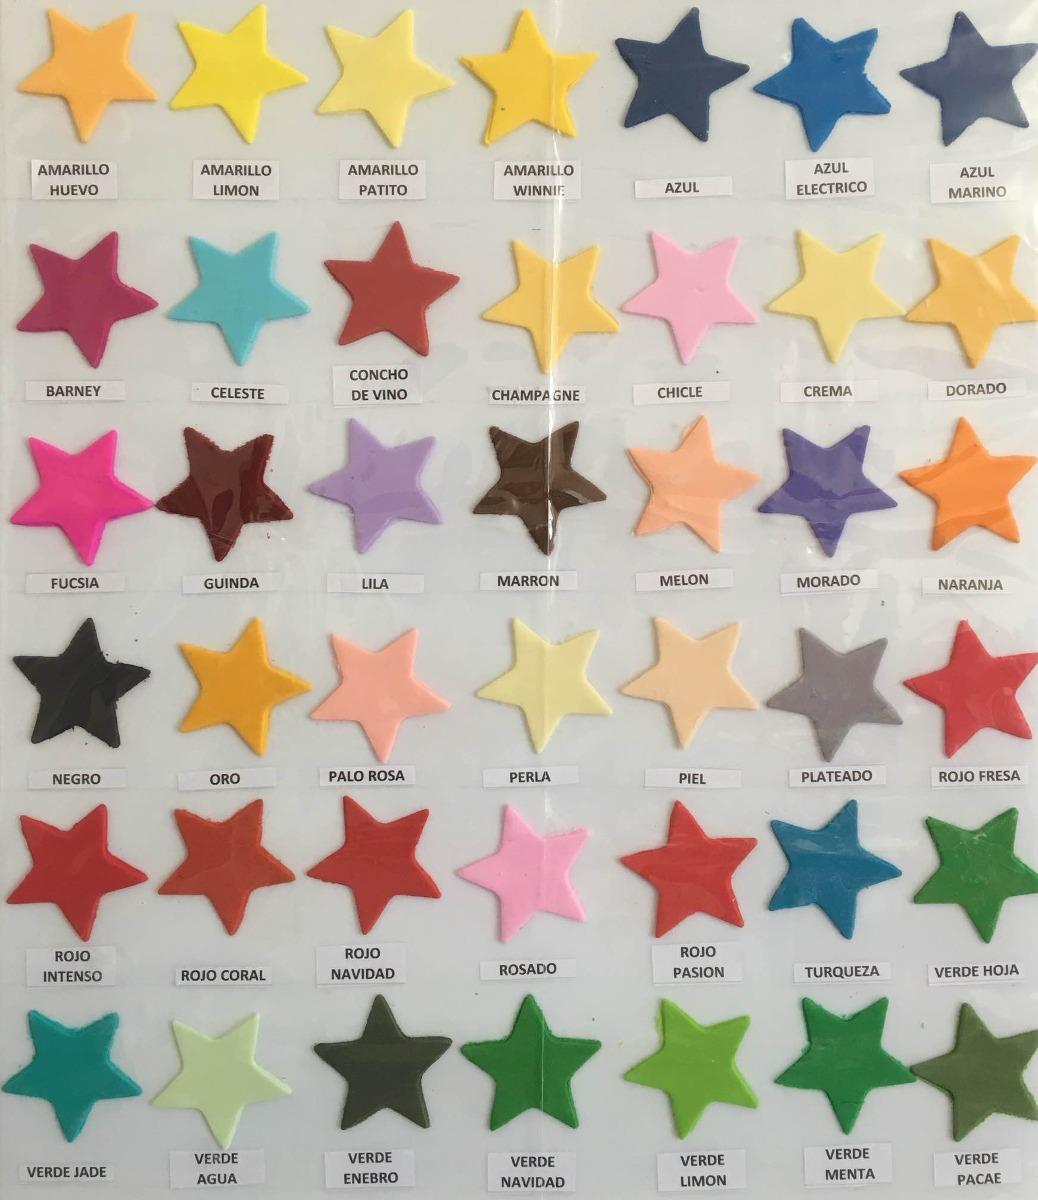 Colorantes Elymar - 30ml - S/ 5,00 en Mercado Libre